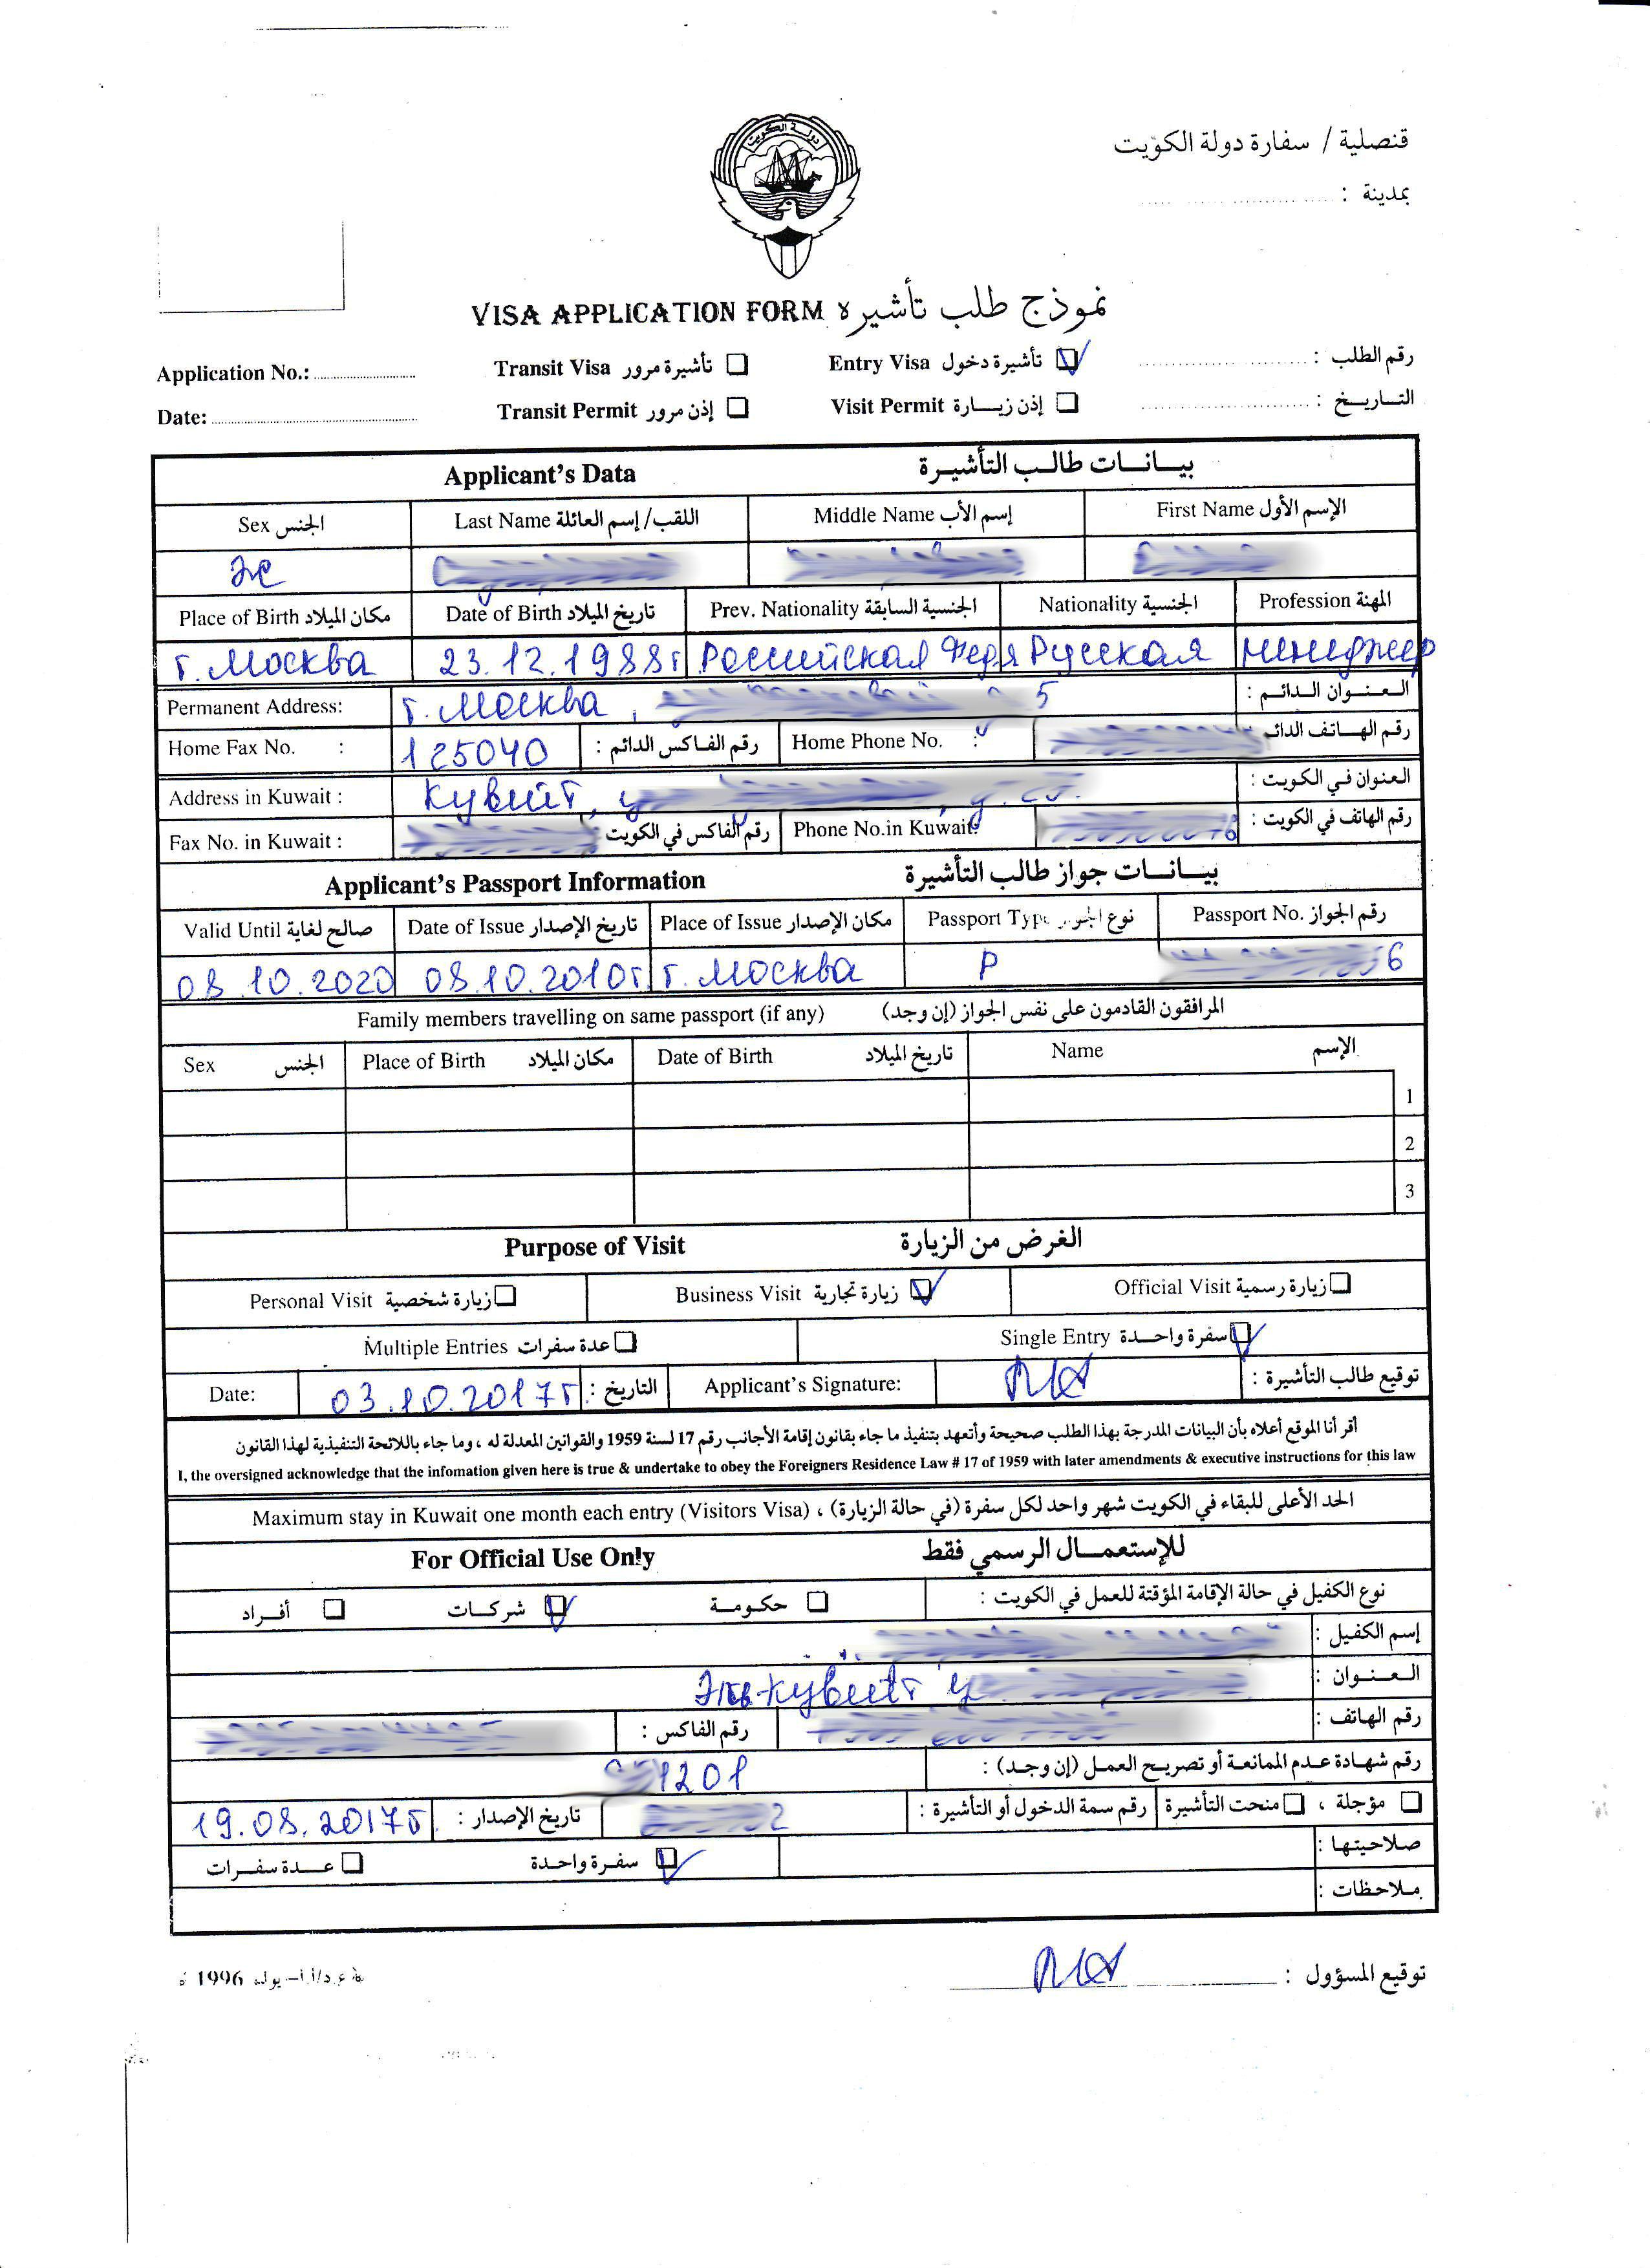 Анкета на визу в Кувейт